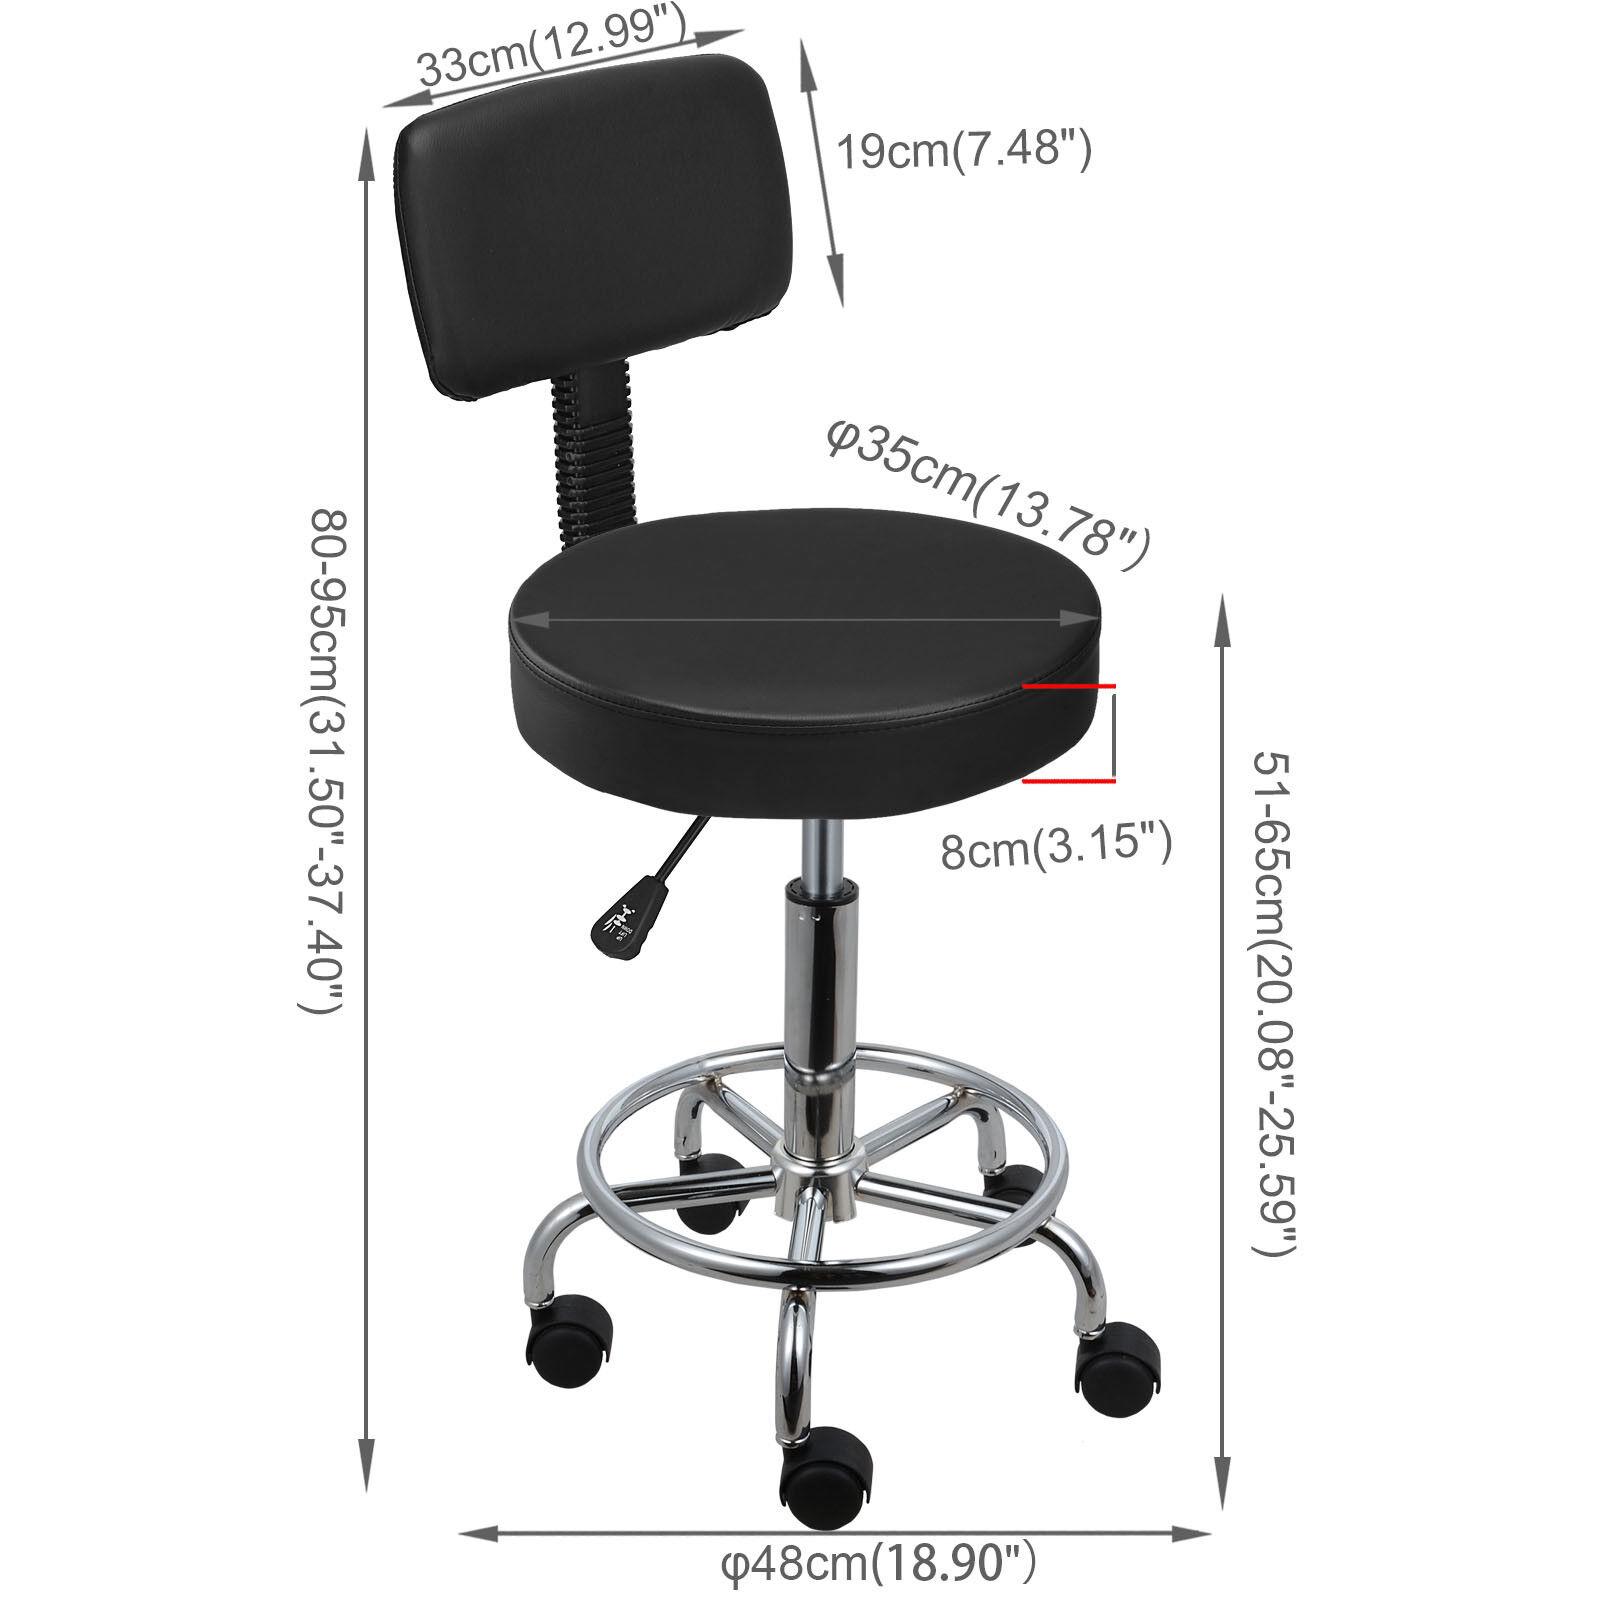 Rollhocker Arbeitshocker Drehstuhl Praxishocker Kosmetikhocker Arbeitsstuhl schwarze,runde mit Rückenlehne